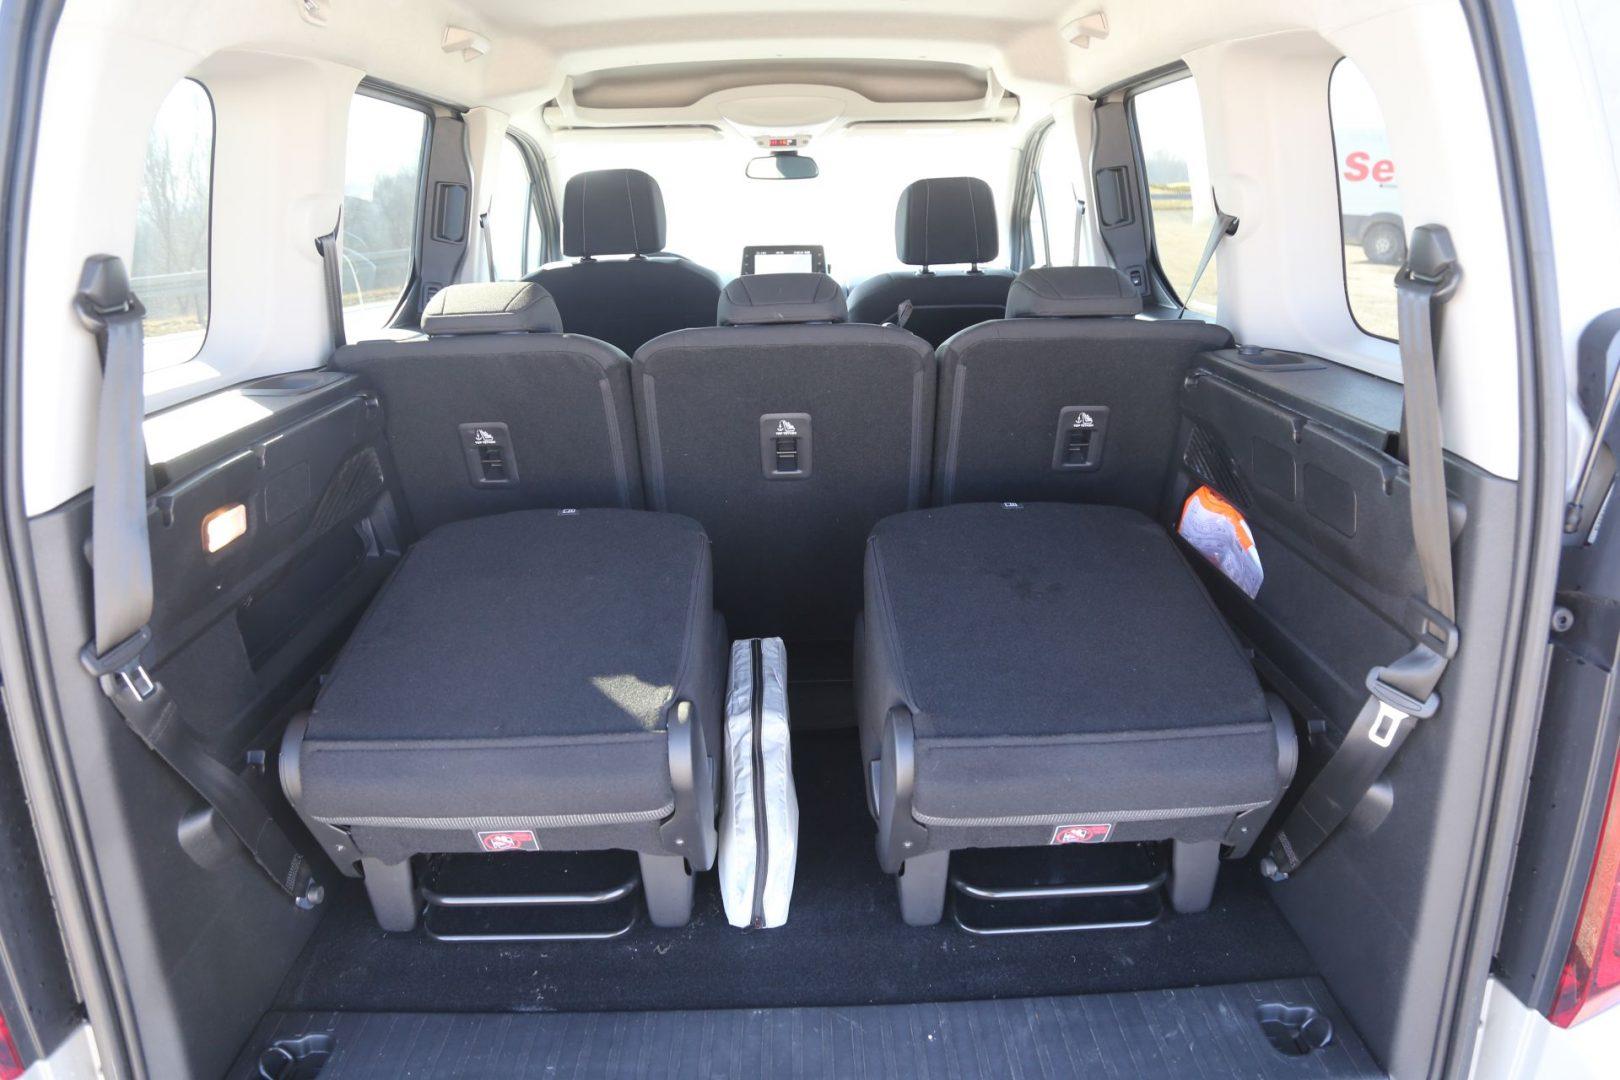 U prtljažniku se nalaze sjedala na rasklapanje koja se jednim potezom mogu izvaditi